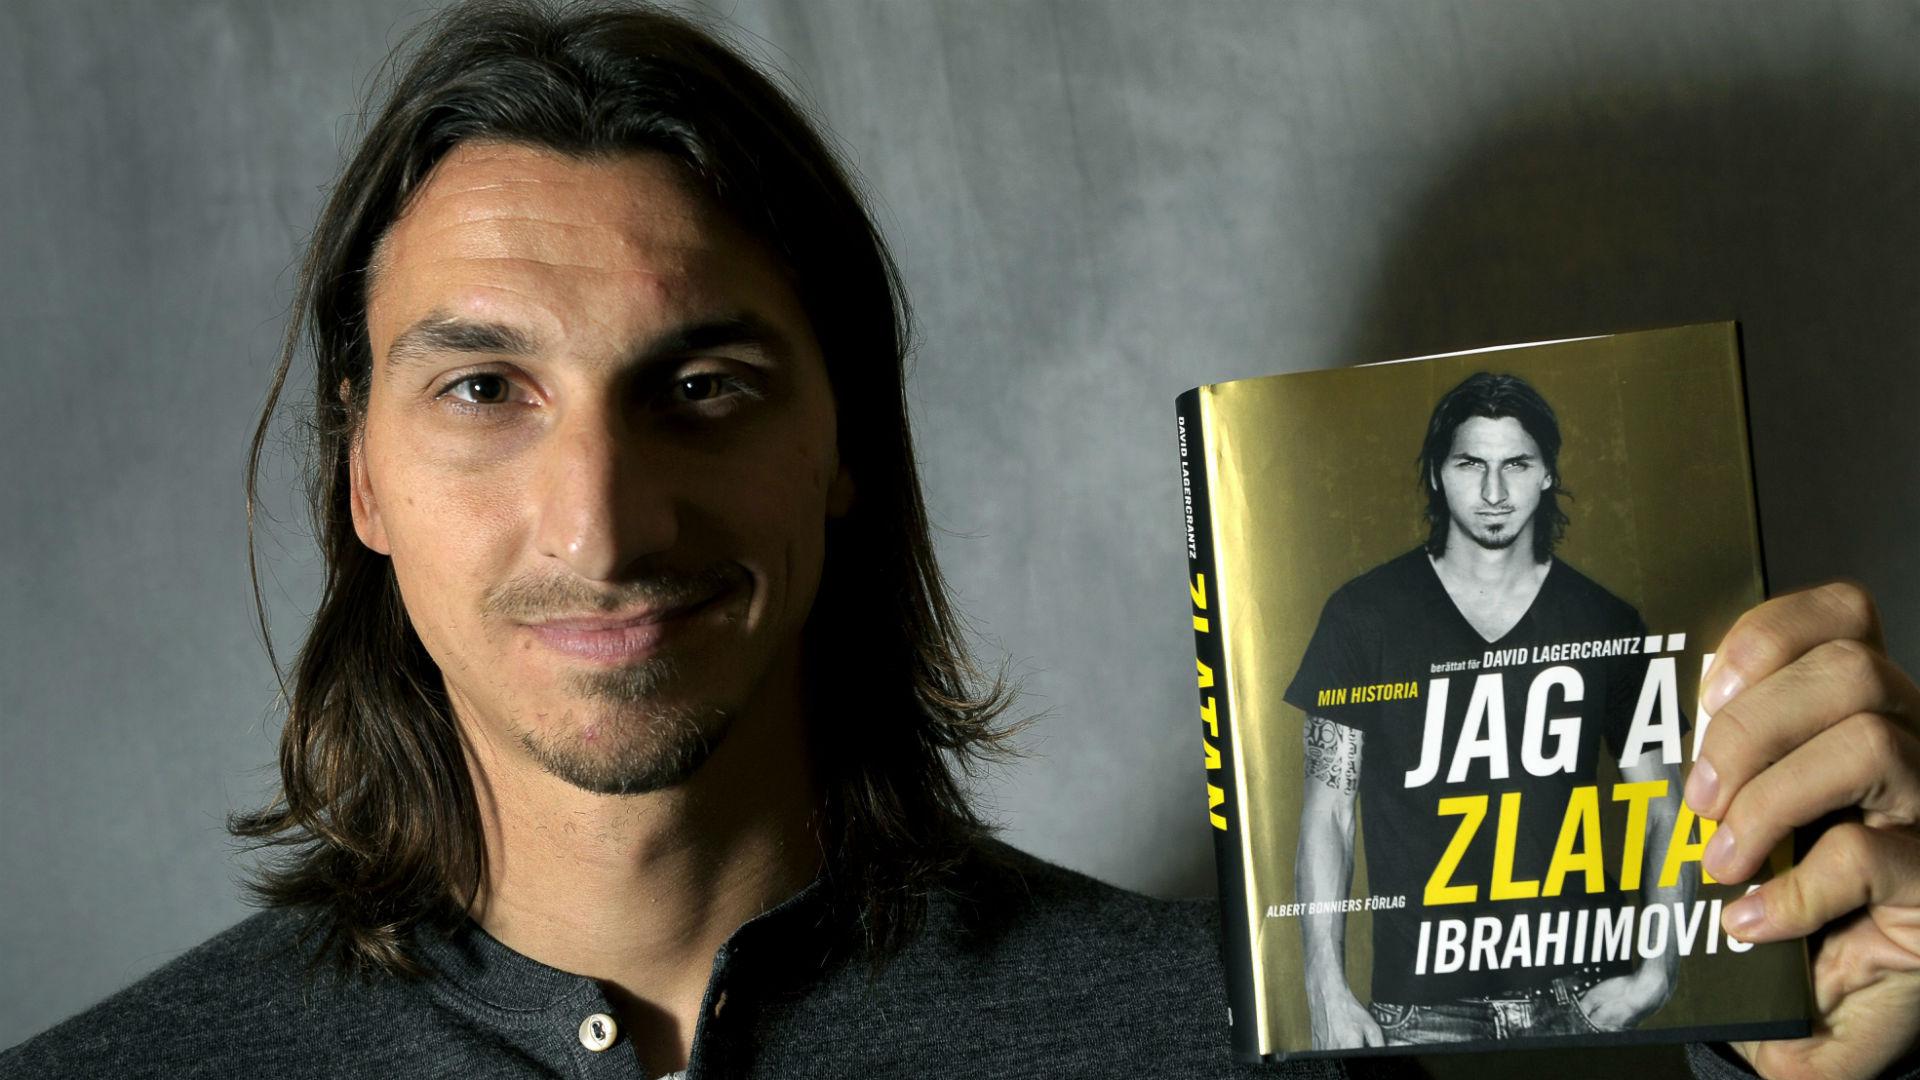 Zlatan Ibrahimovic book